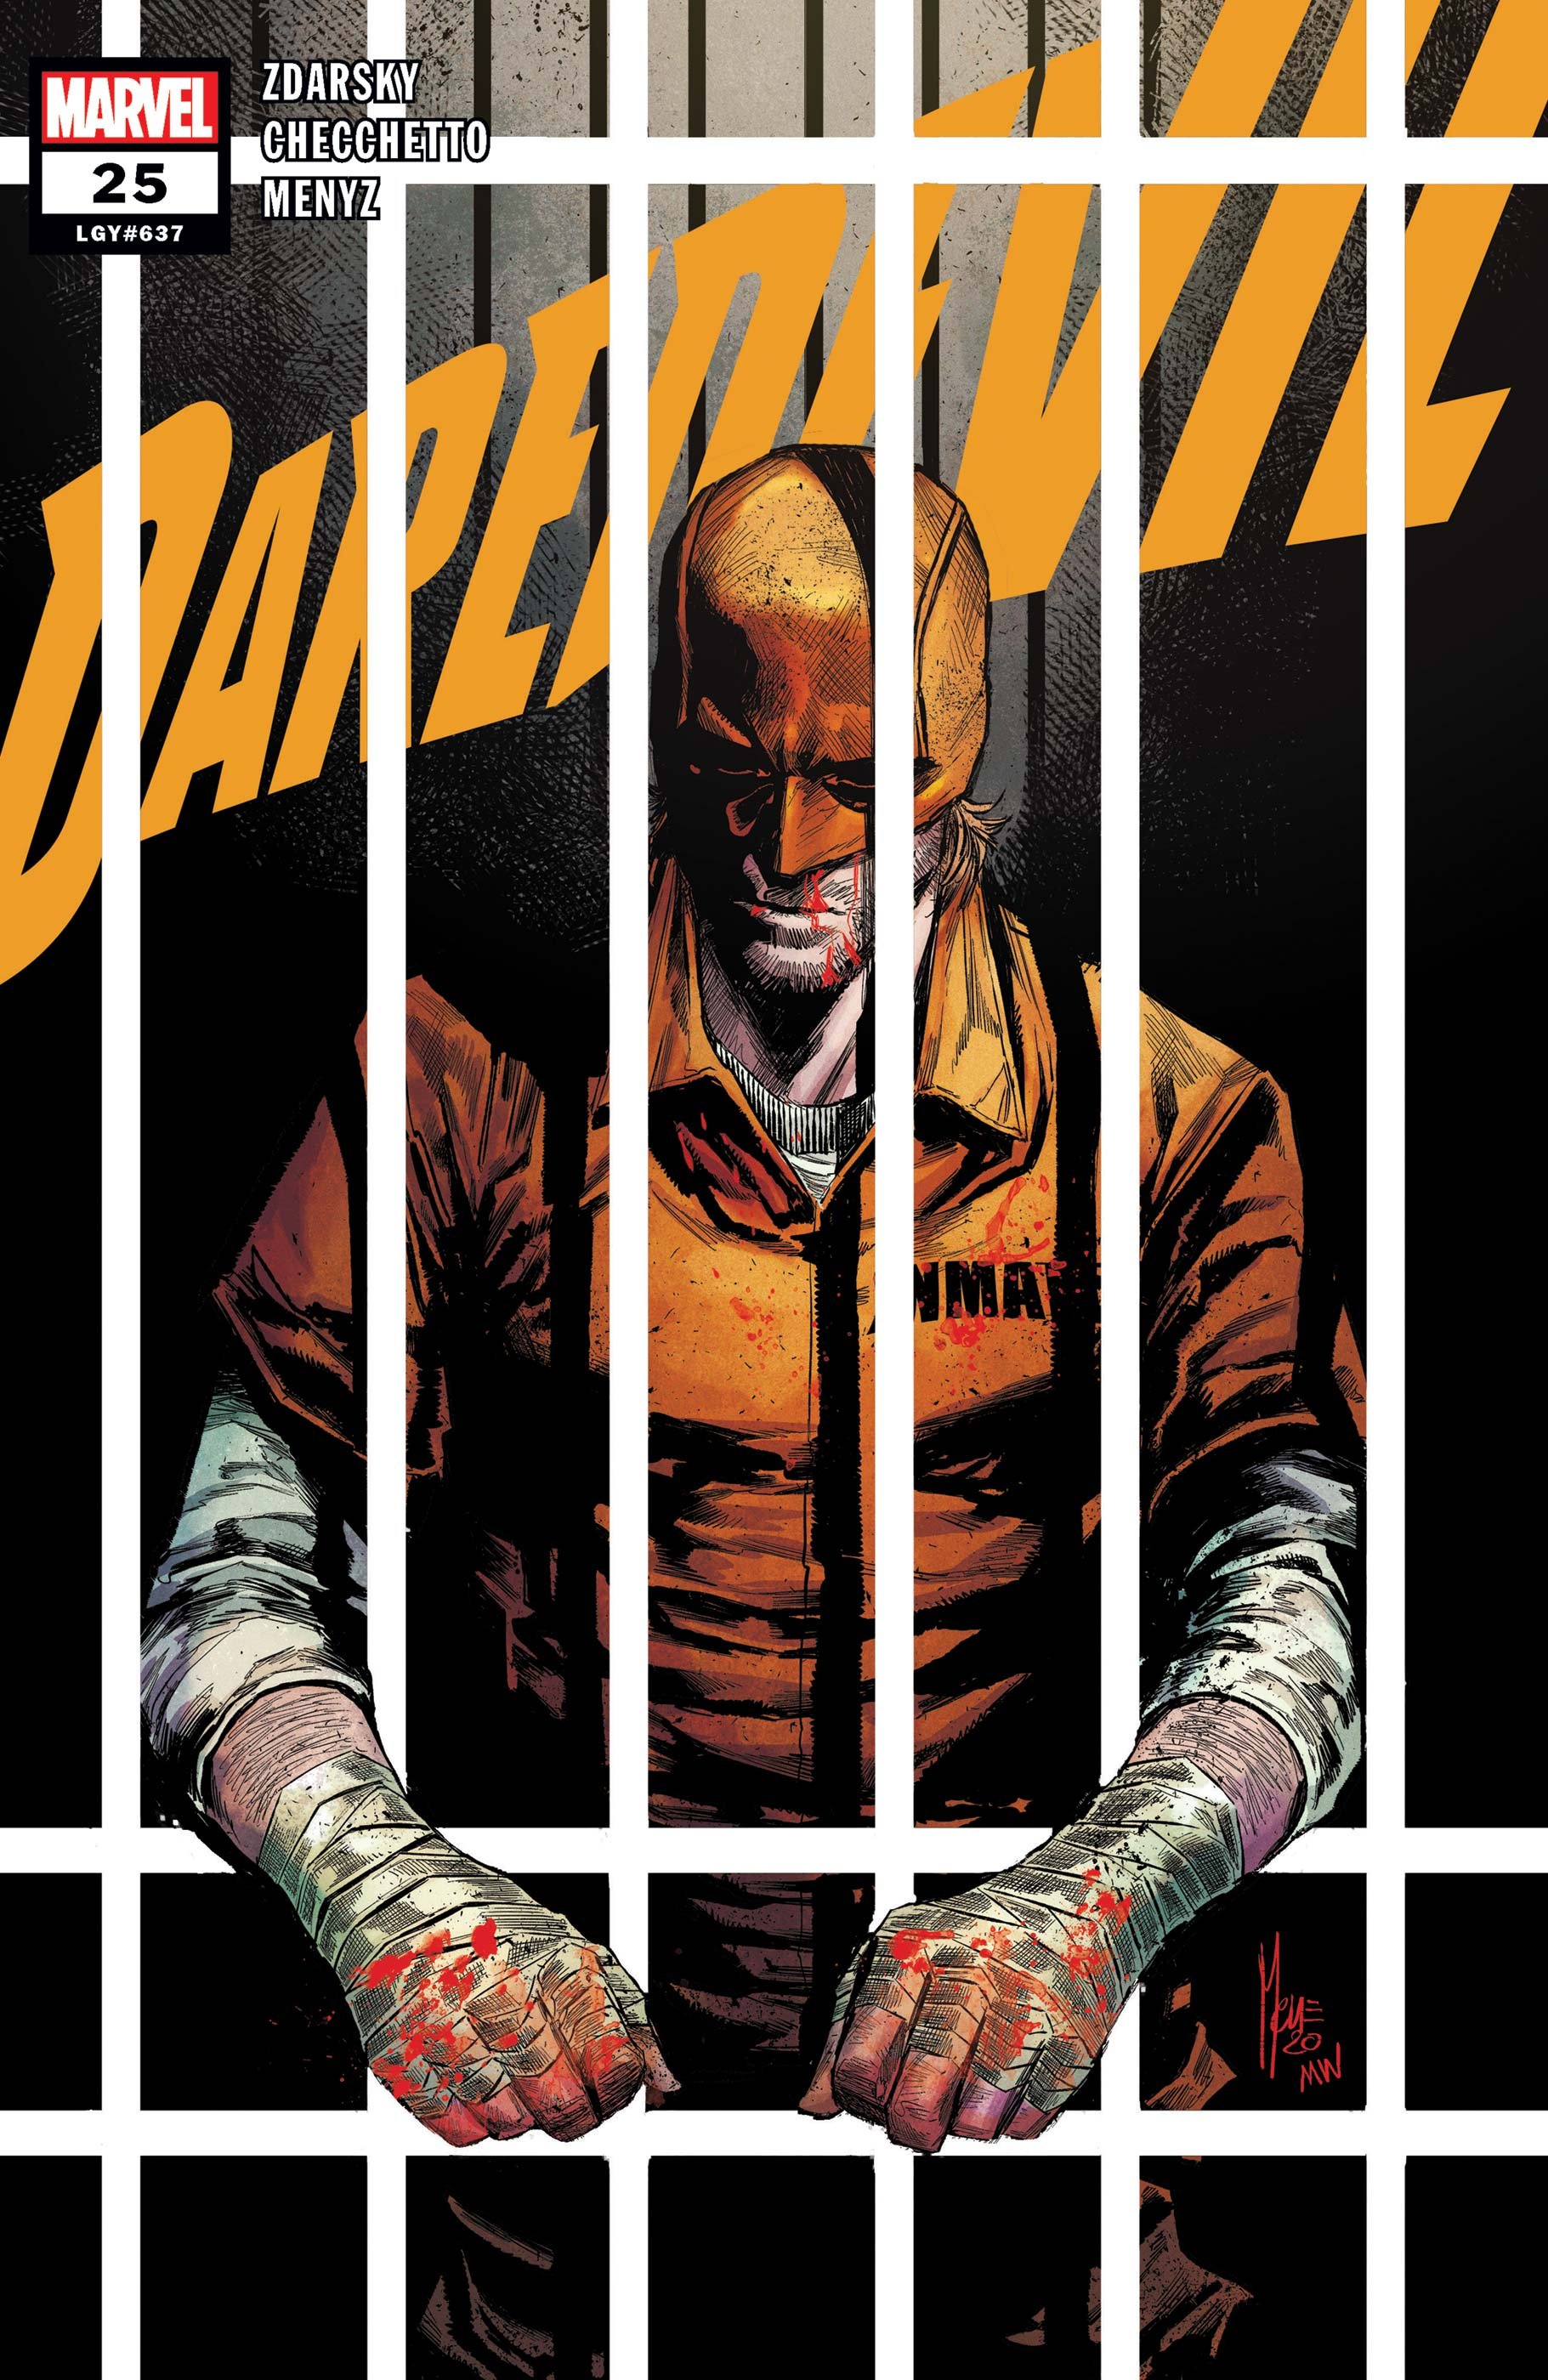 Daredevil (2019) #25